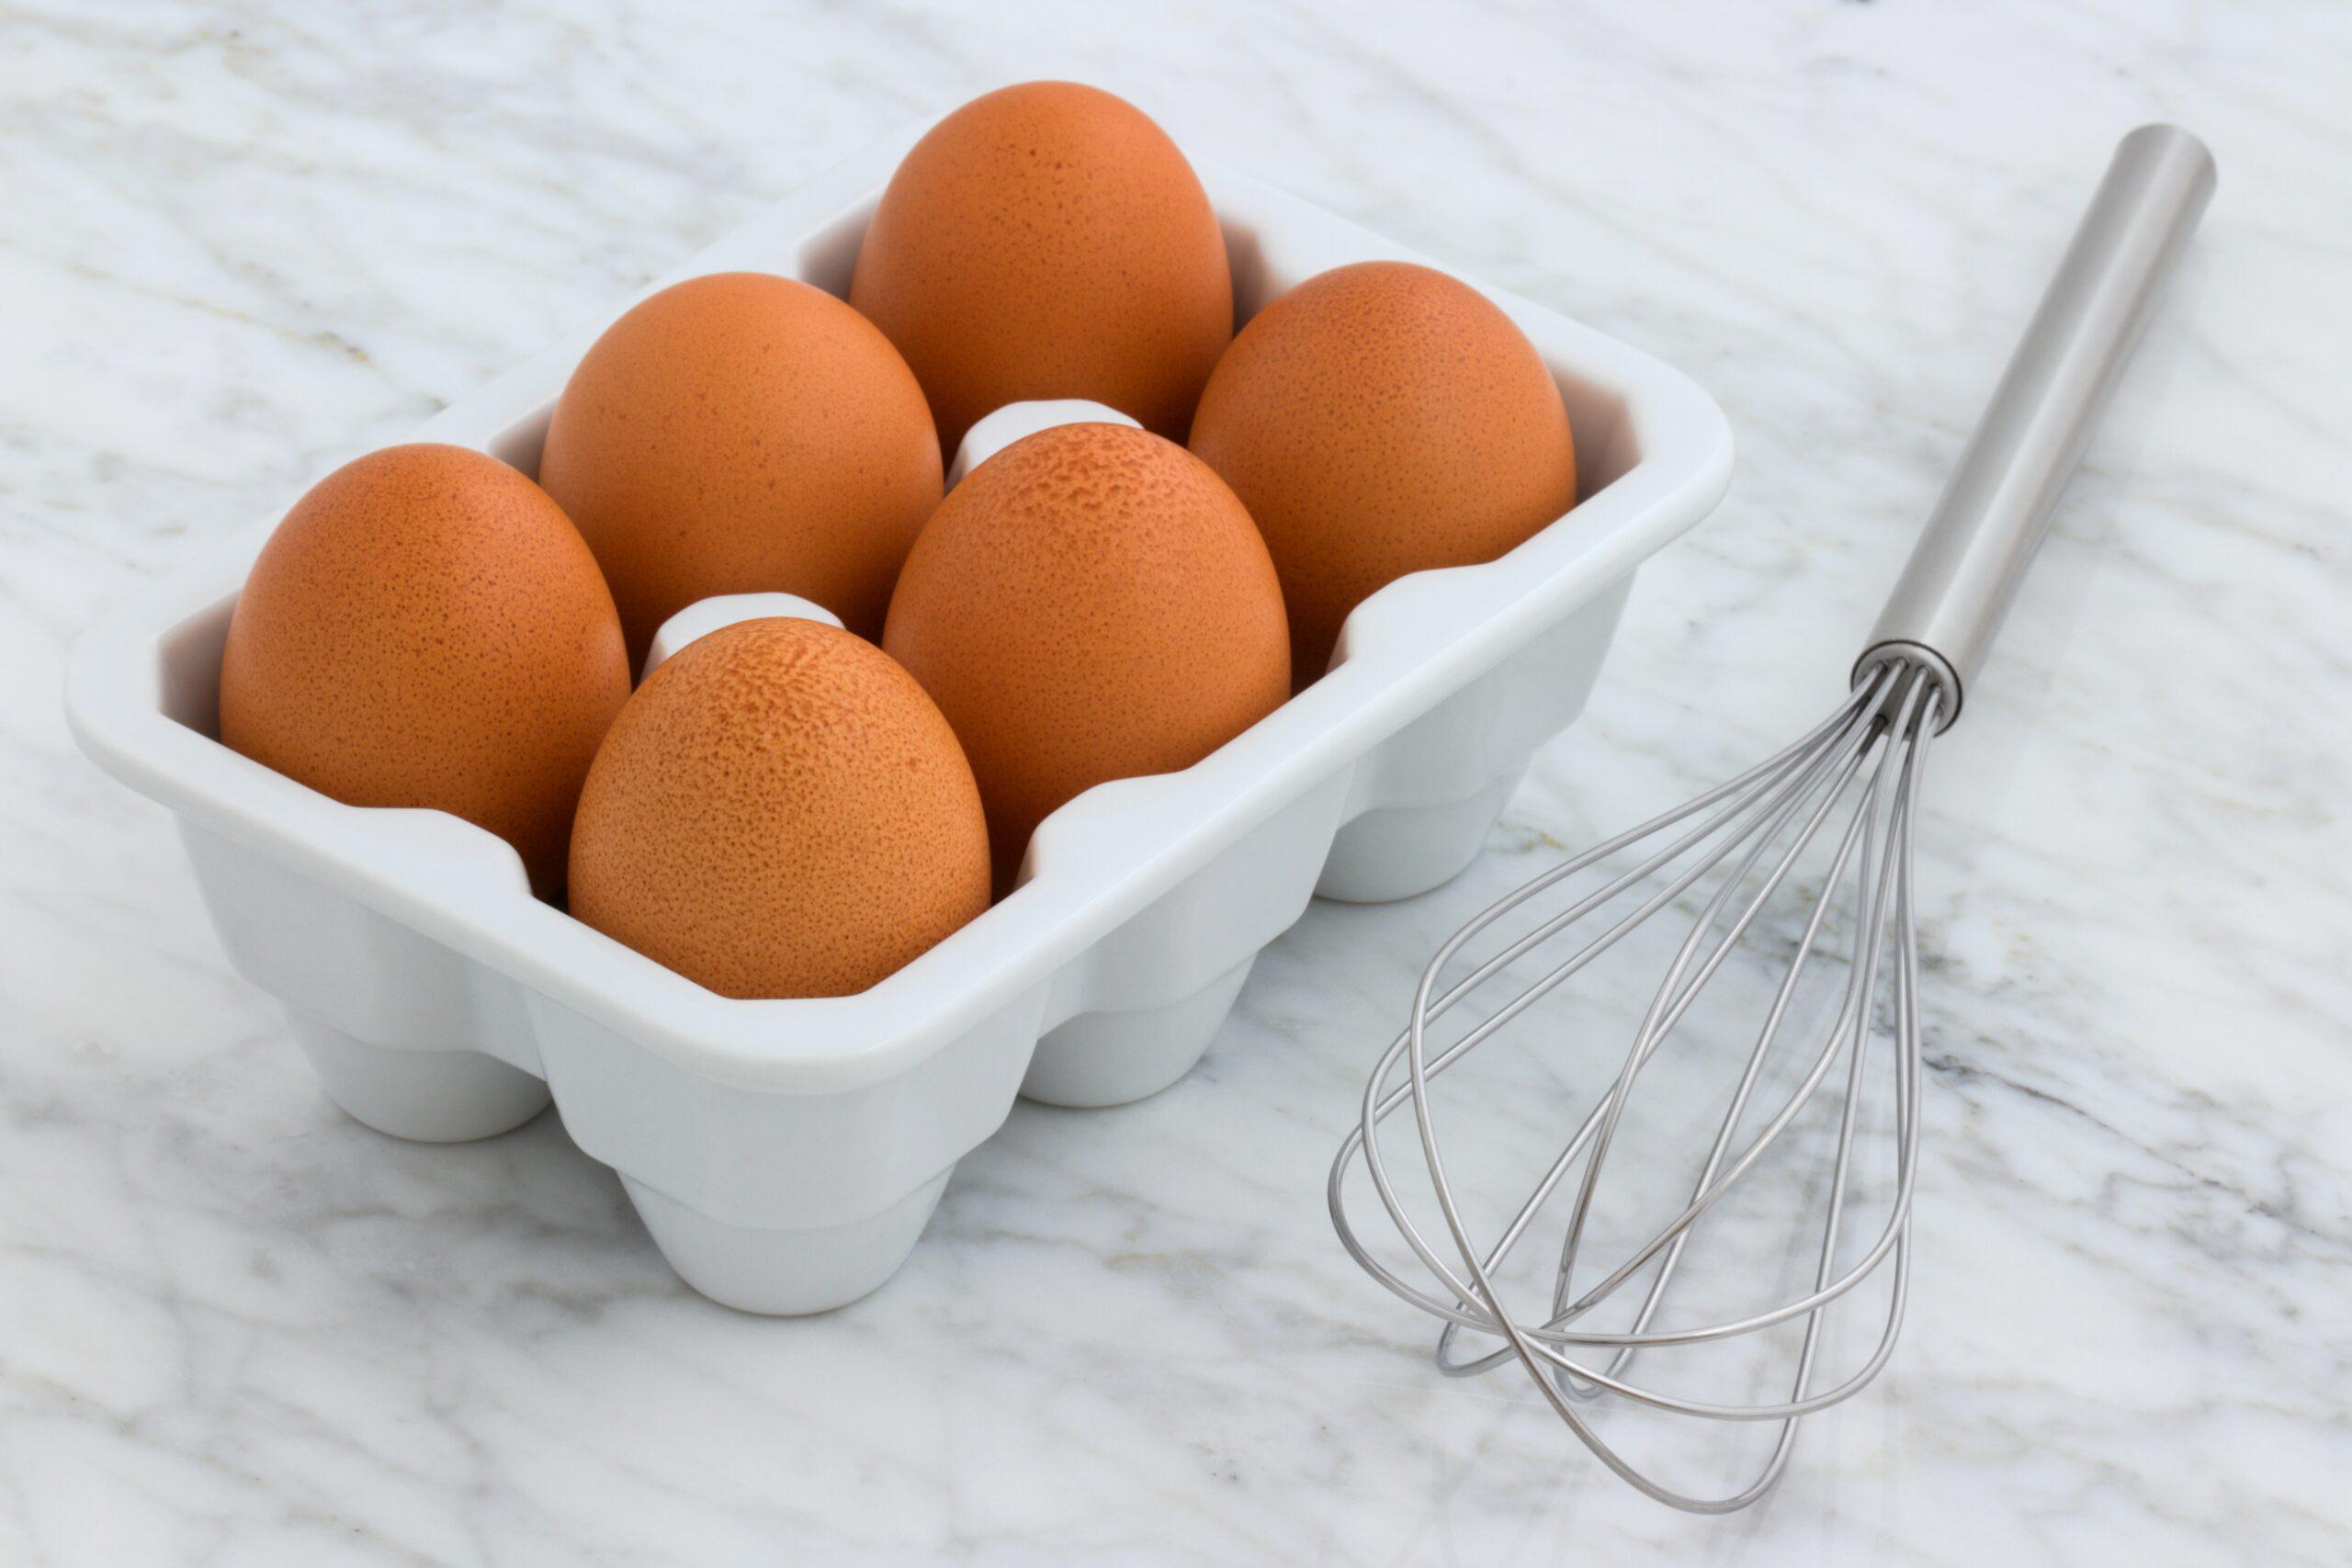 El huevo es bueno para el colesterol y el cerebro